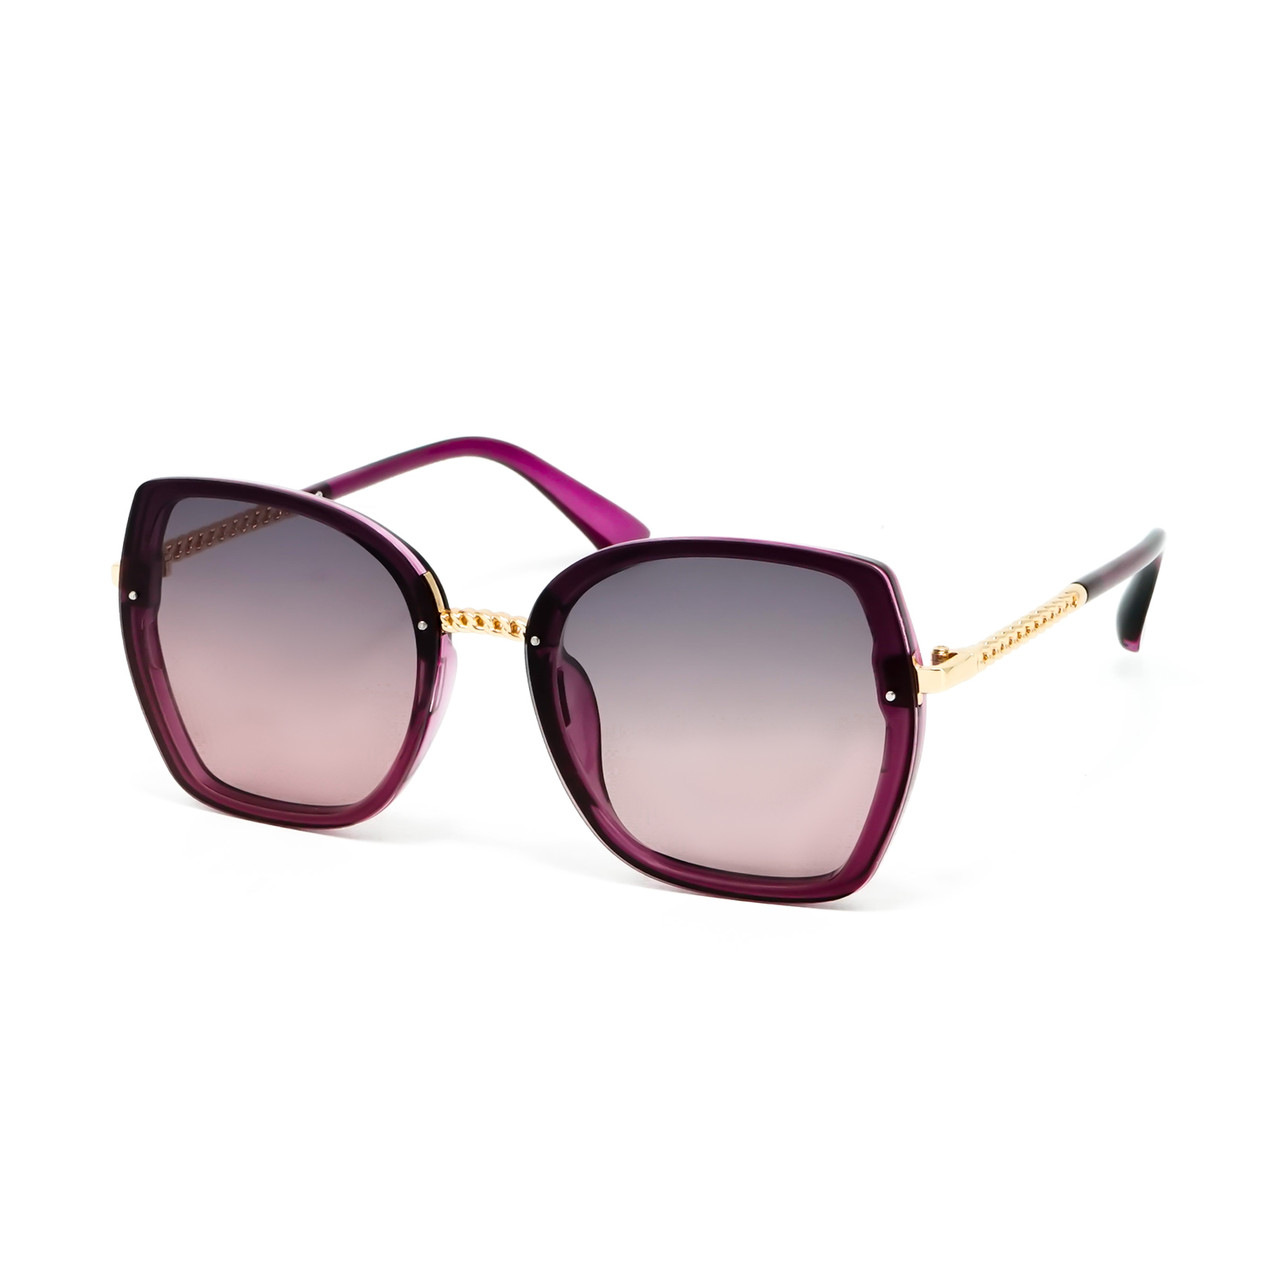 Солнцезащитные очки Marmilen Polar 485 C5 фиолетовые    ( 485-05 )